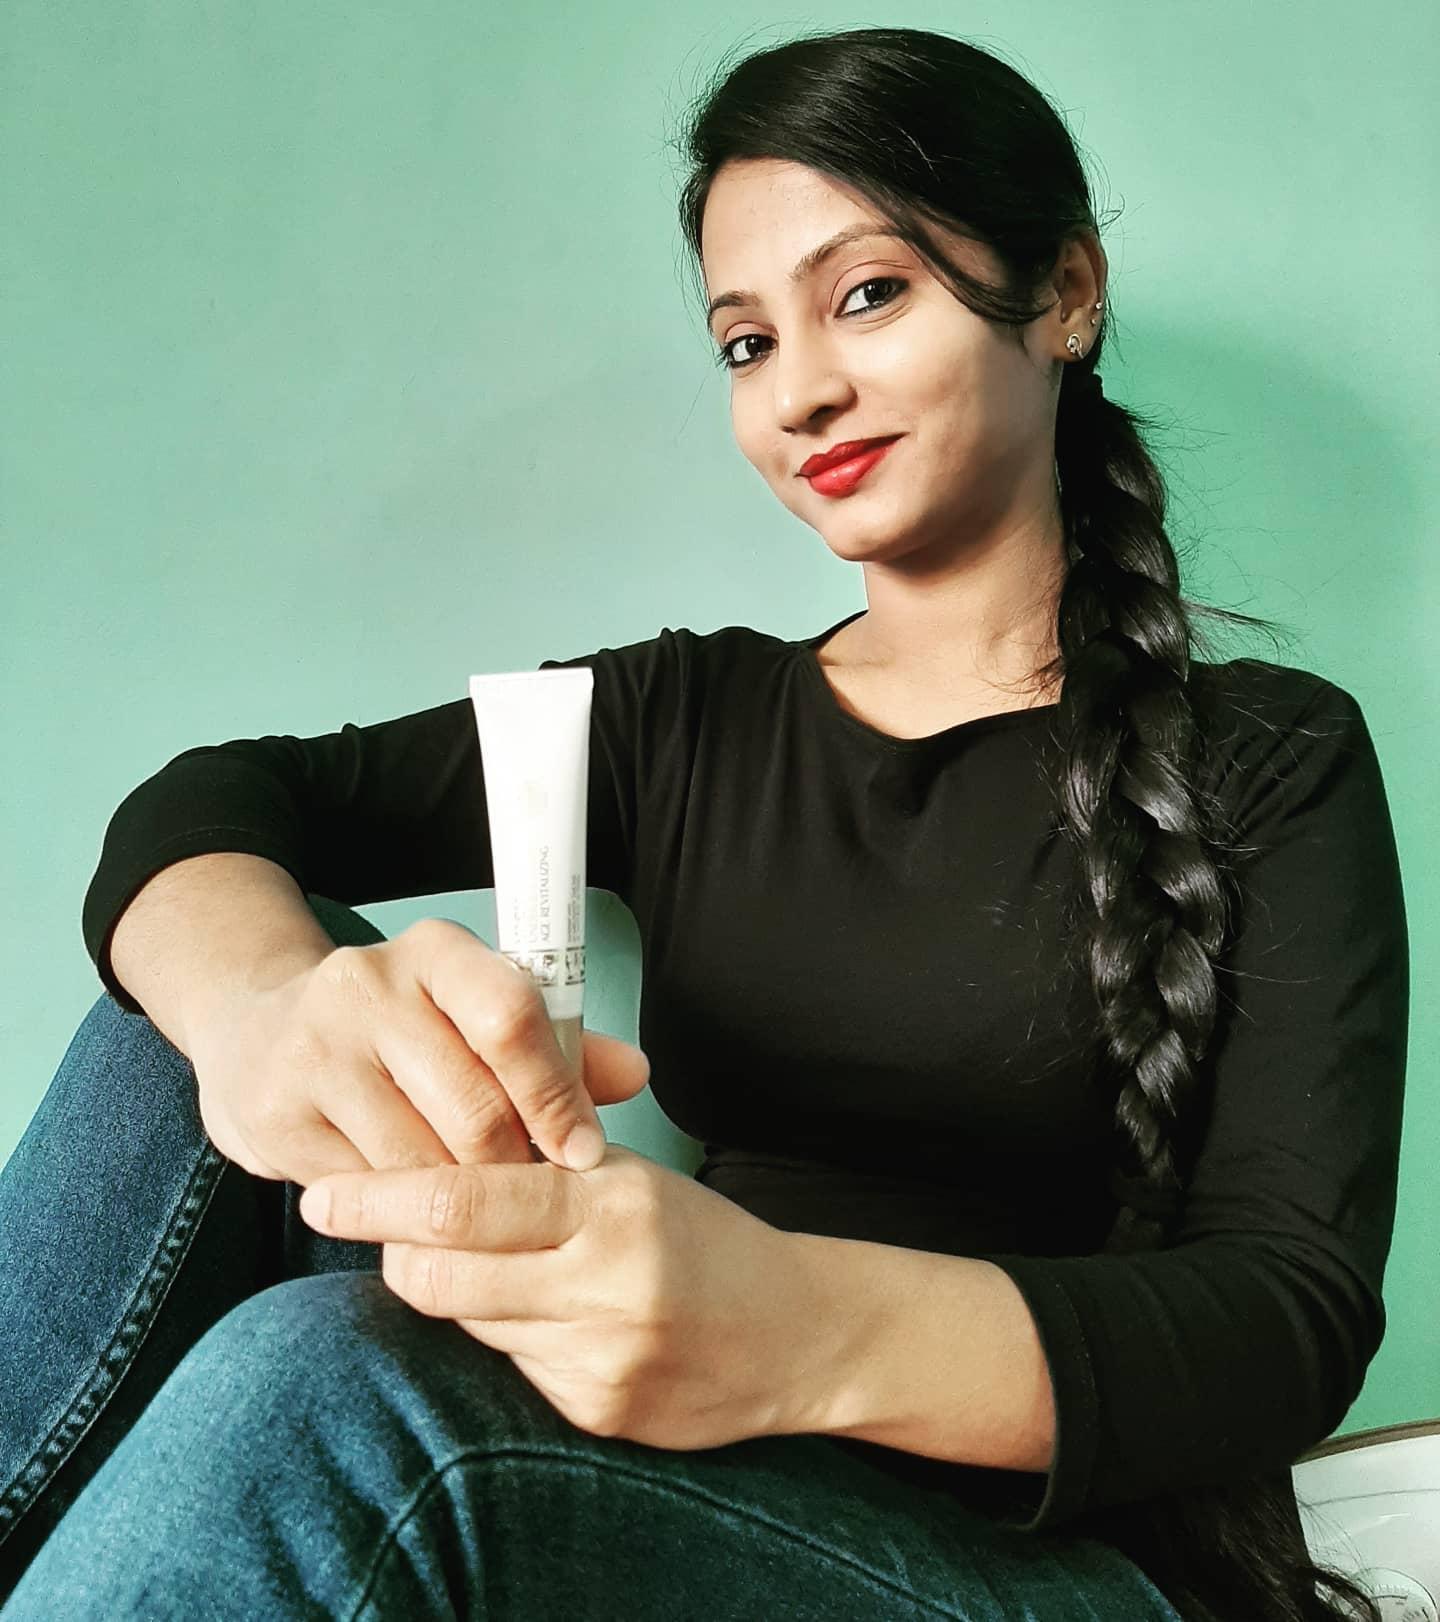 Vasu Age Revitalizing Under Eye Cream-Best under eye cream-By reshma_shaikh